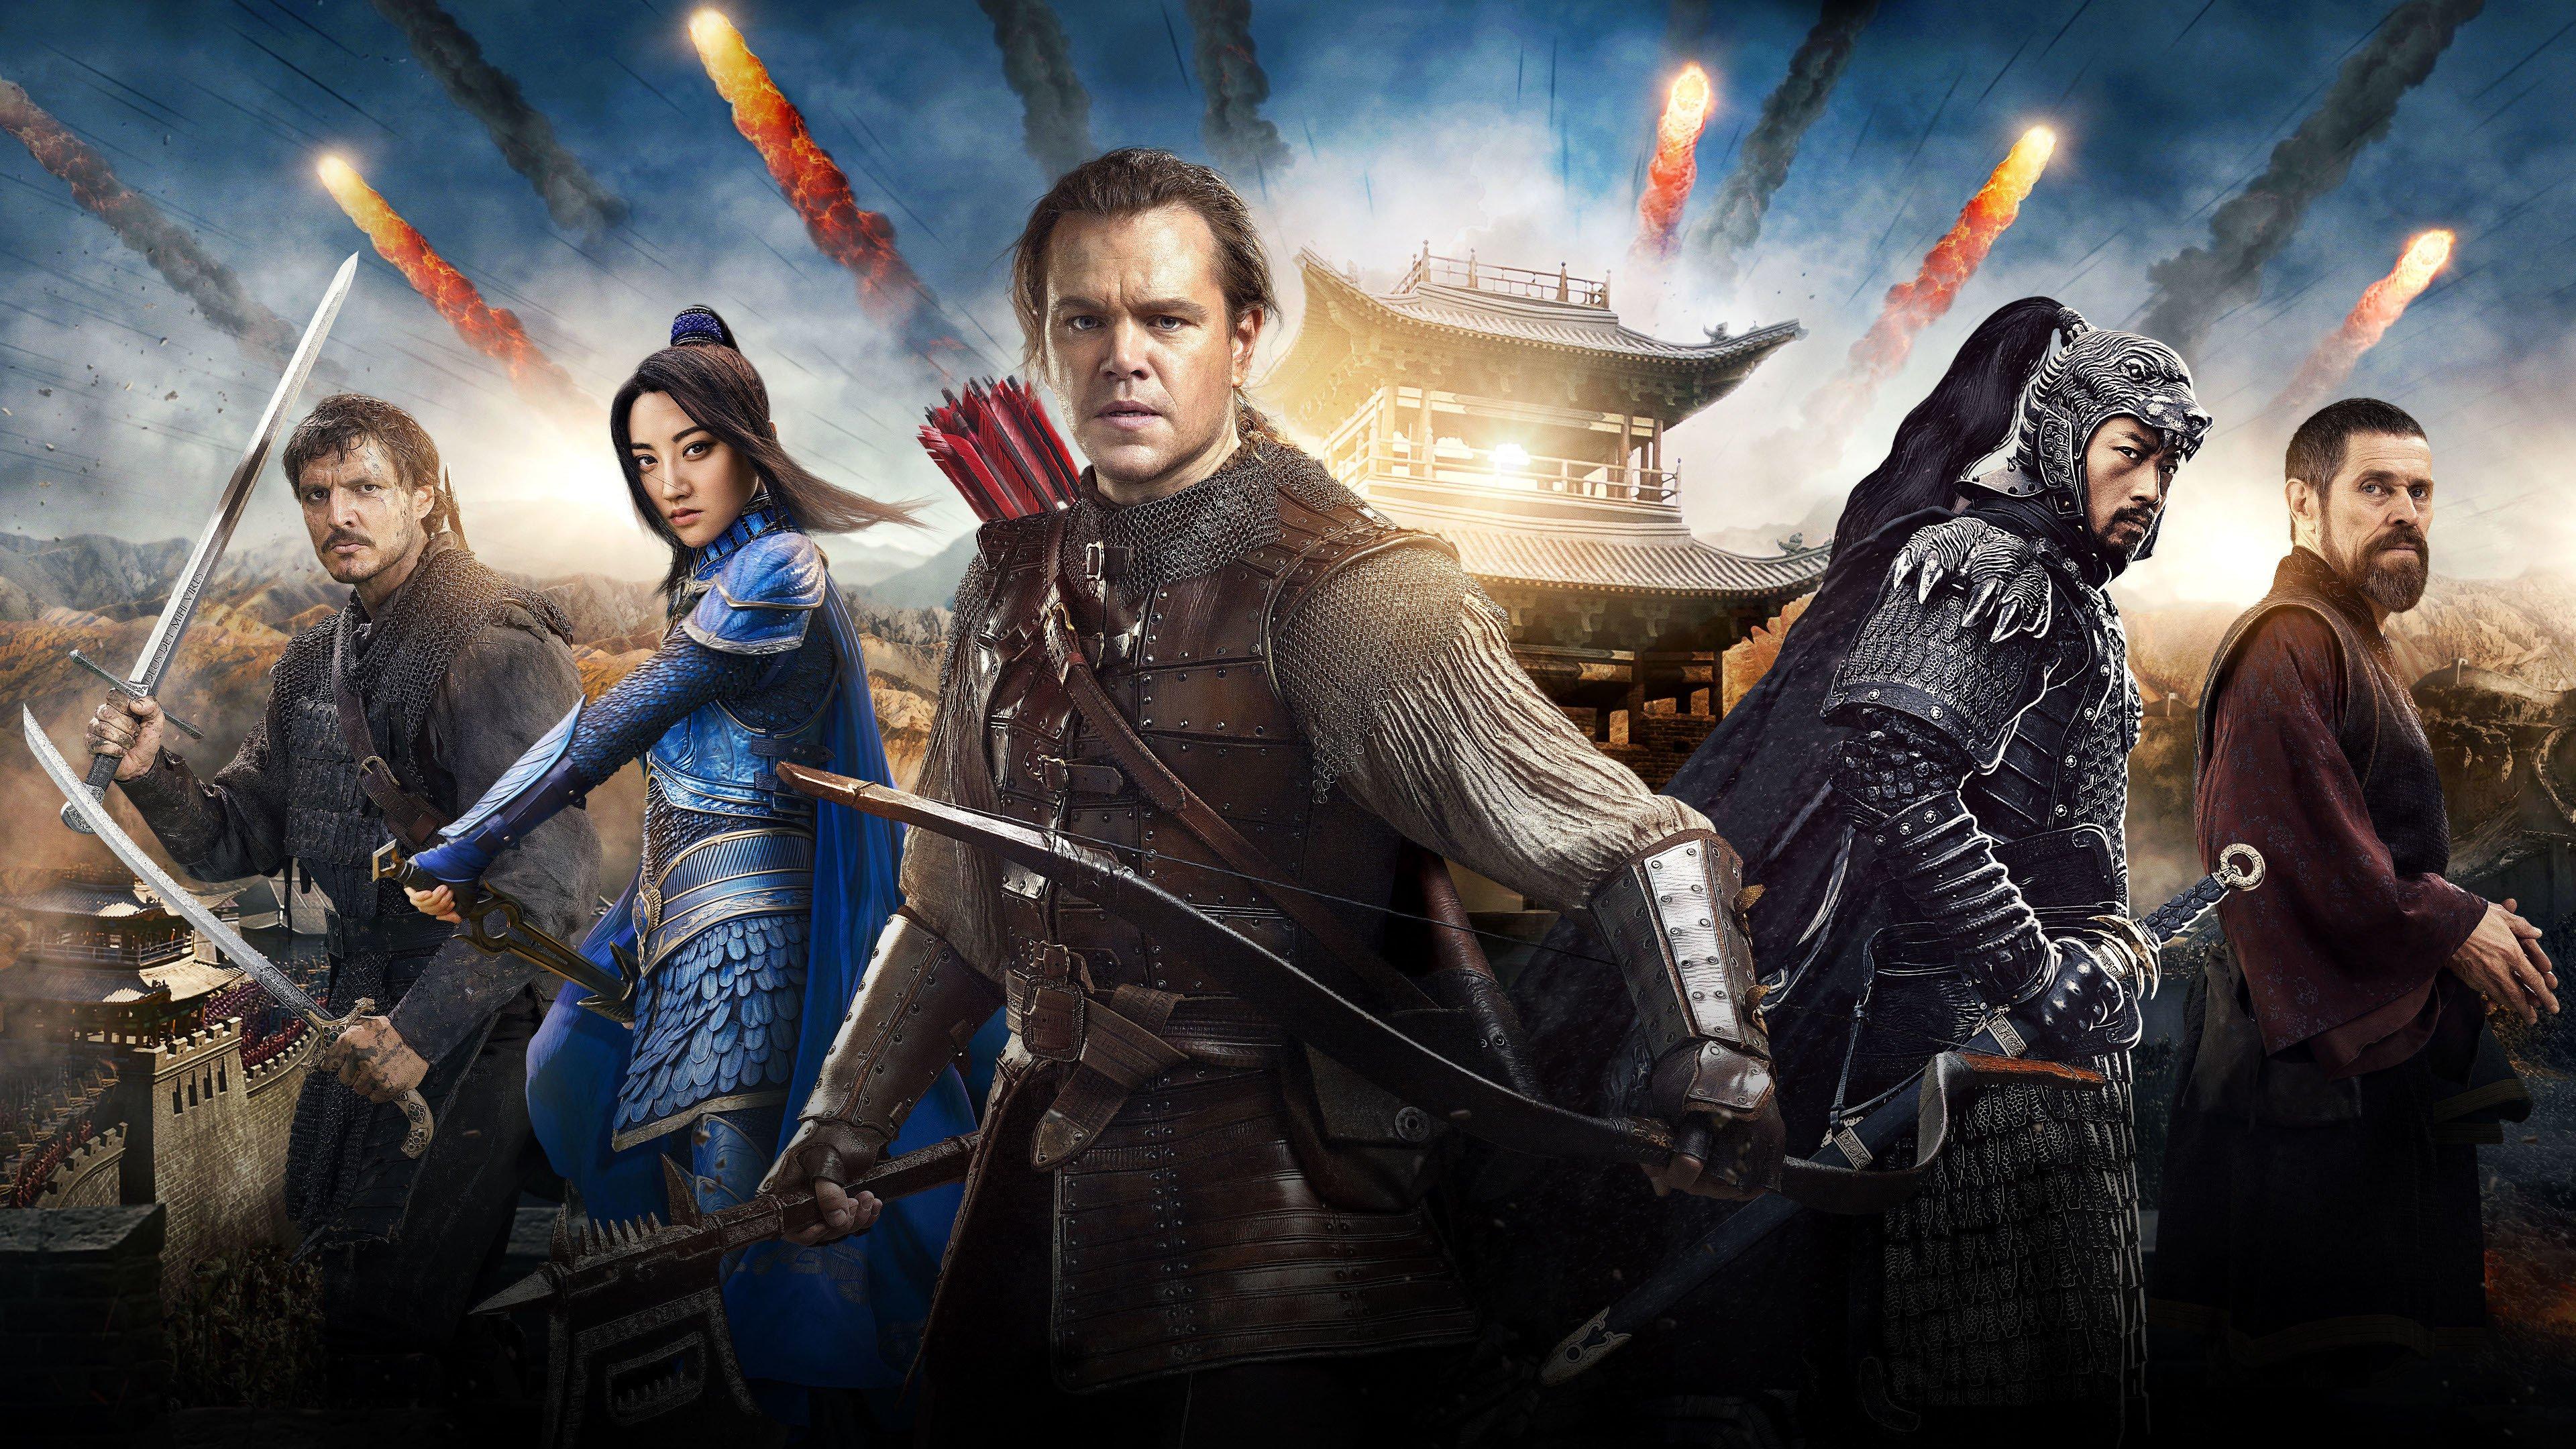 Смотреть фильмы в HD 2016 онлайн в хорошем качестве hd 720